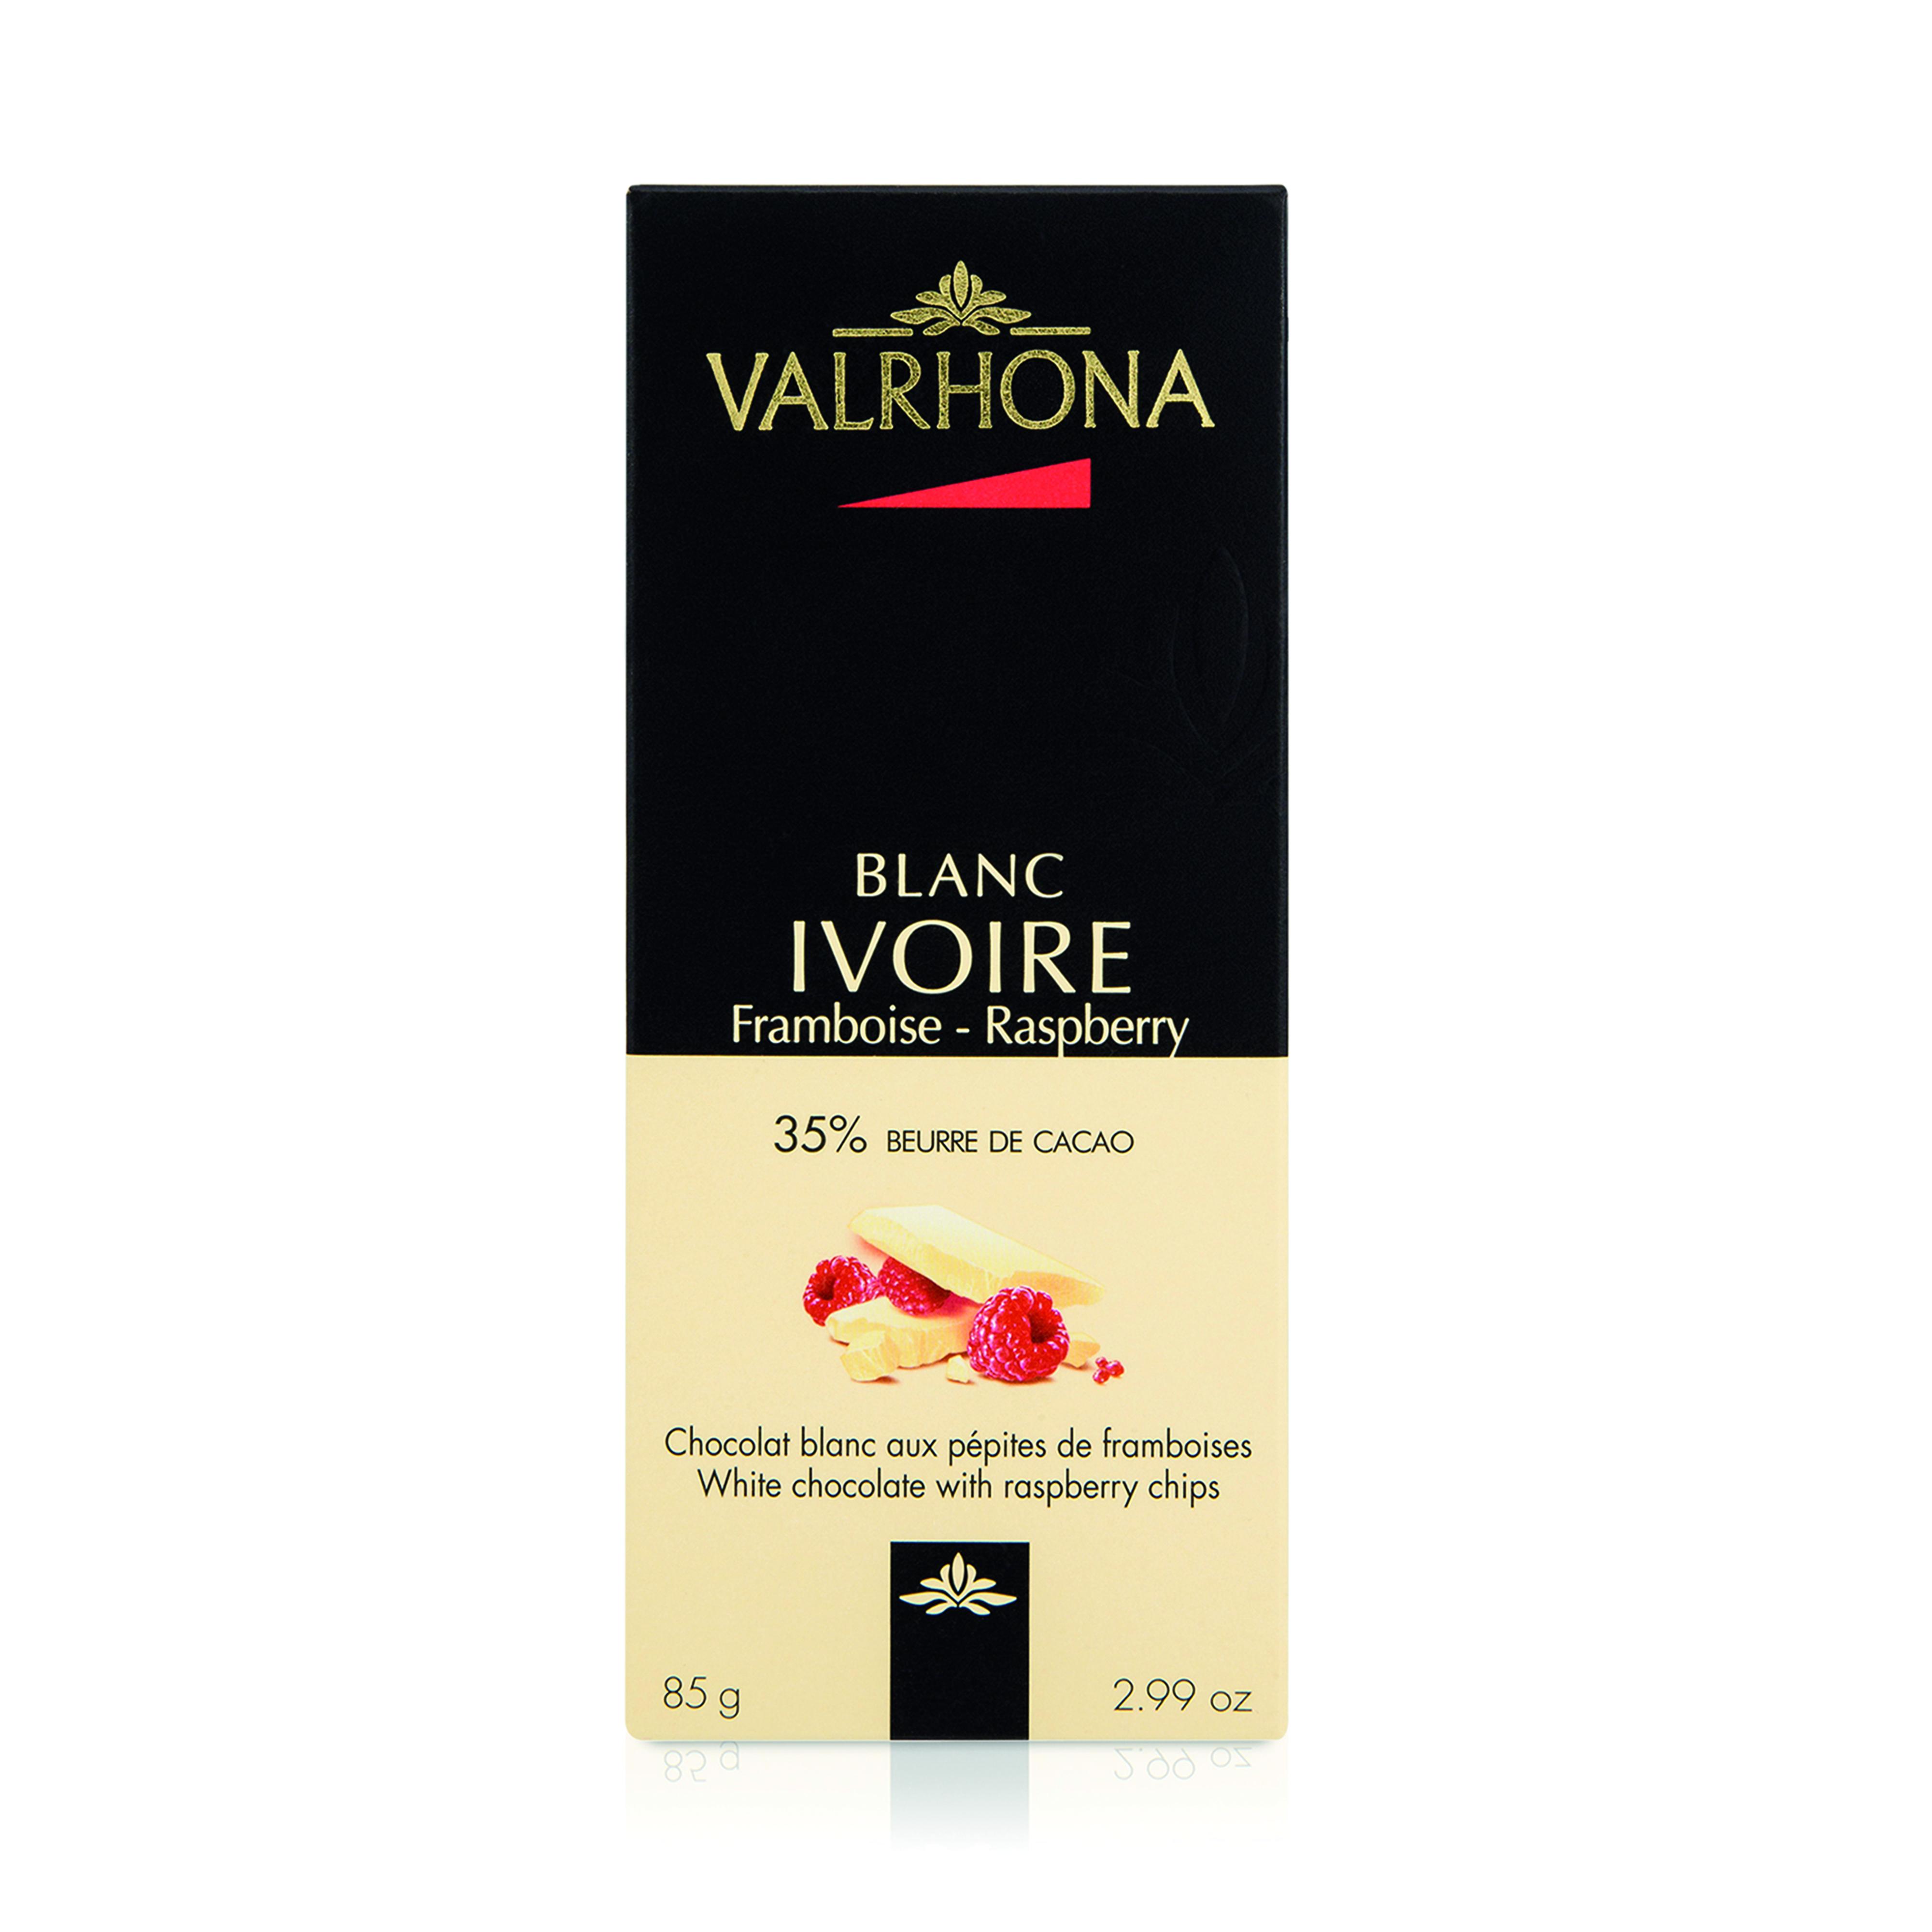 TAFEL IVOIRE FRAMBOISE